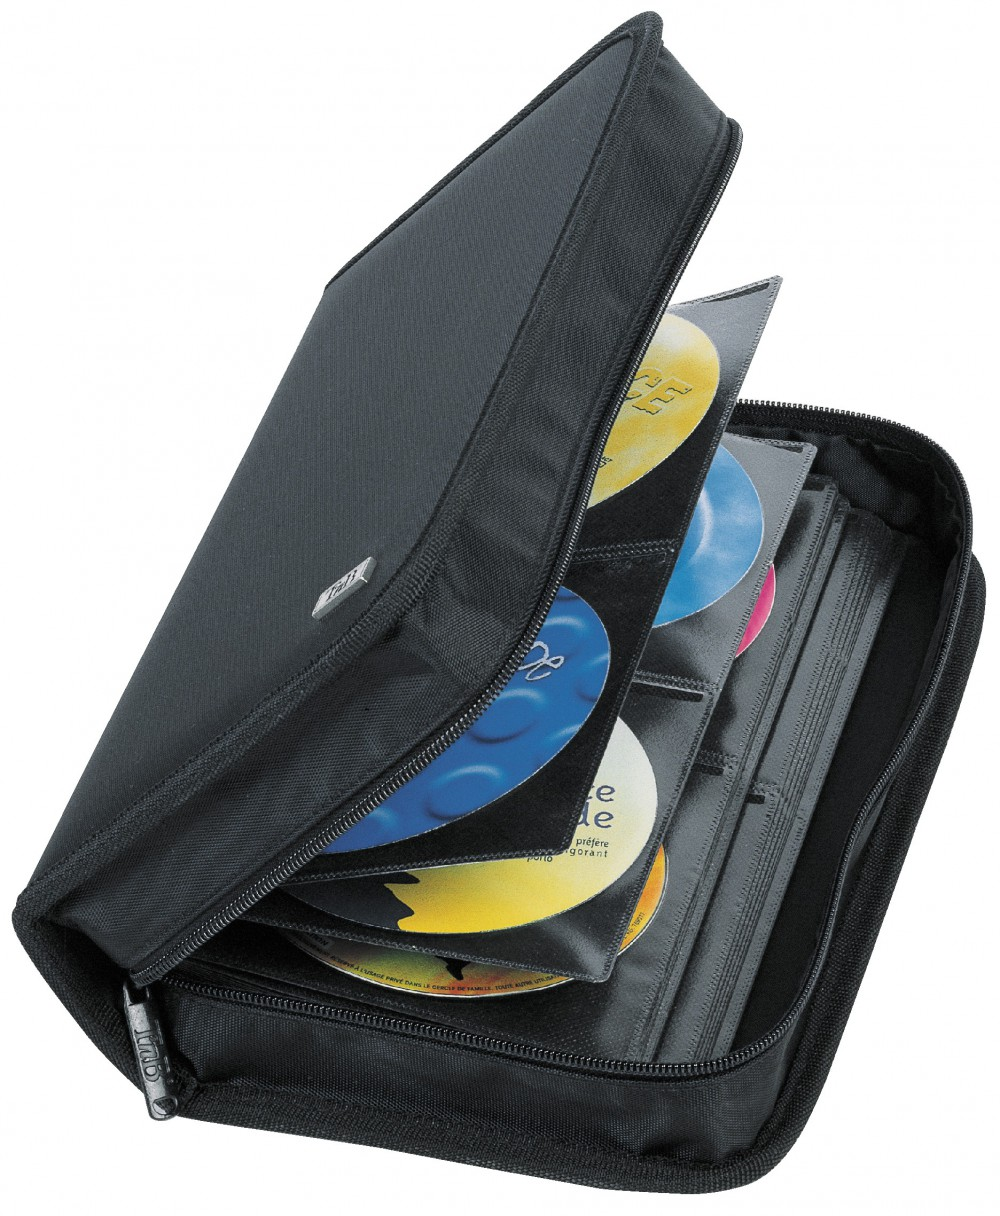 EXPERT-BLCK CD CASE FOR 96 CDs